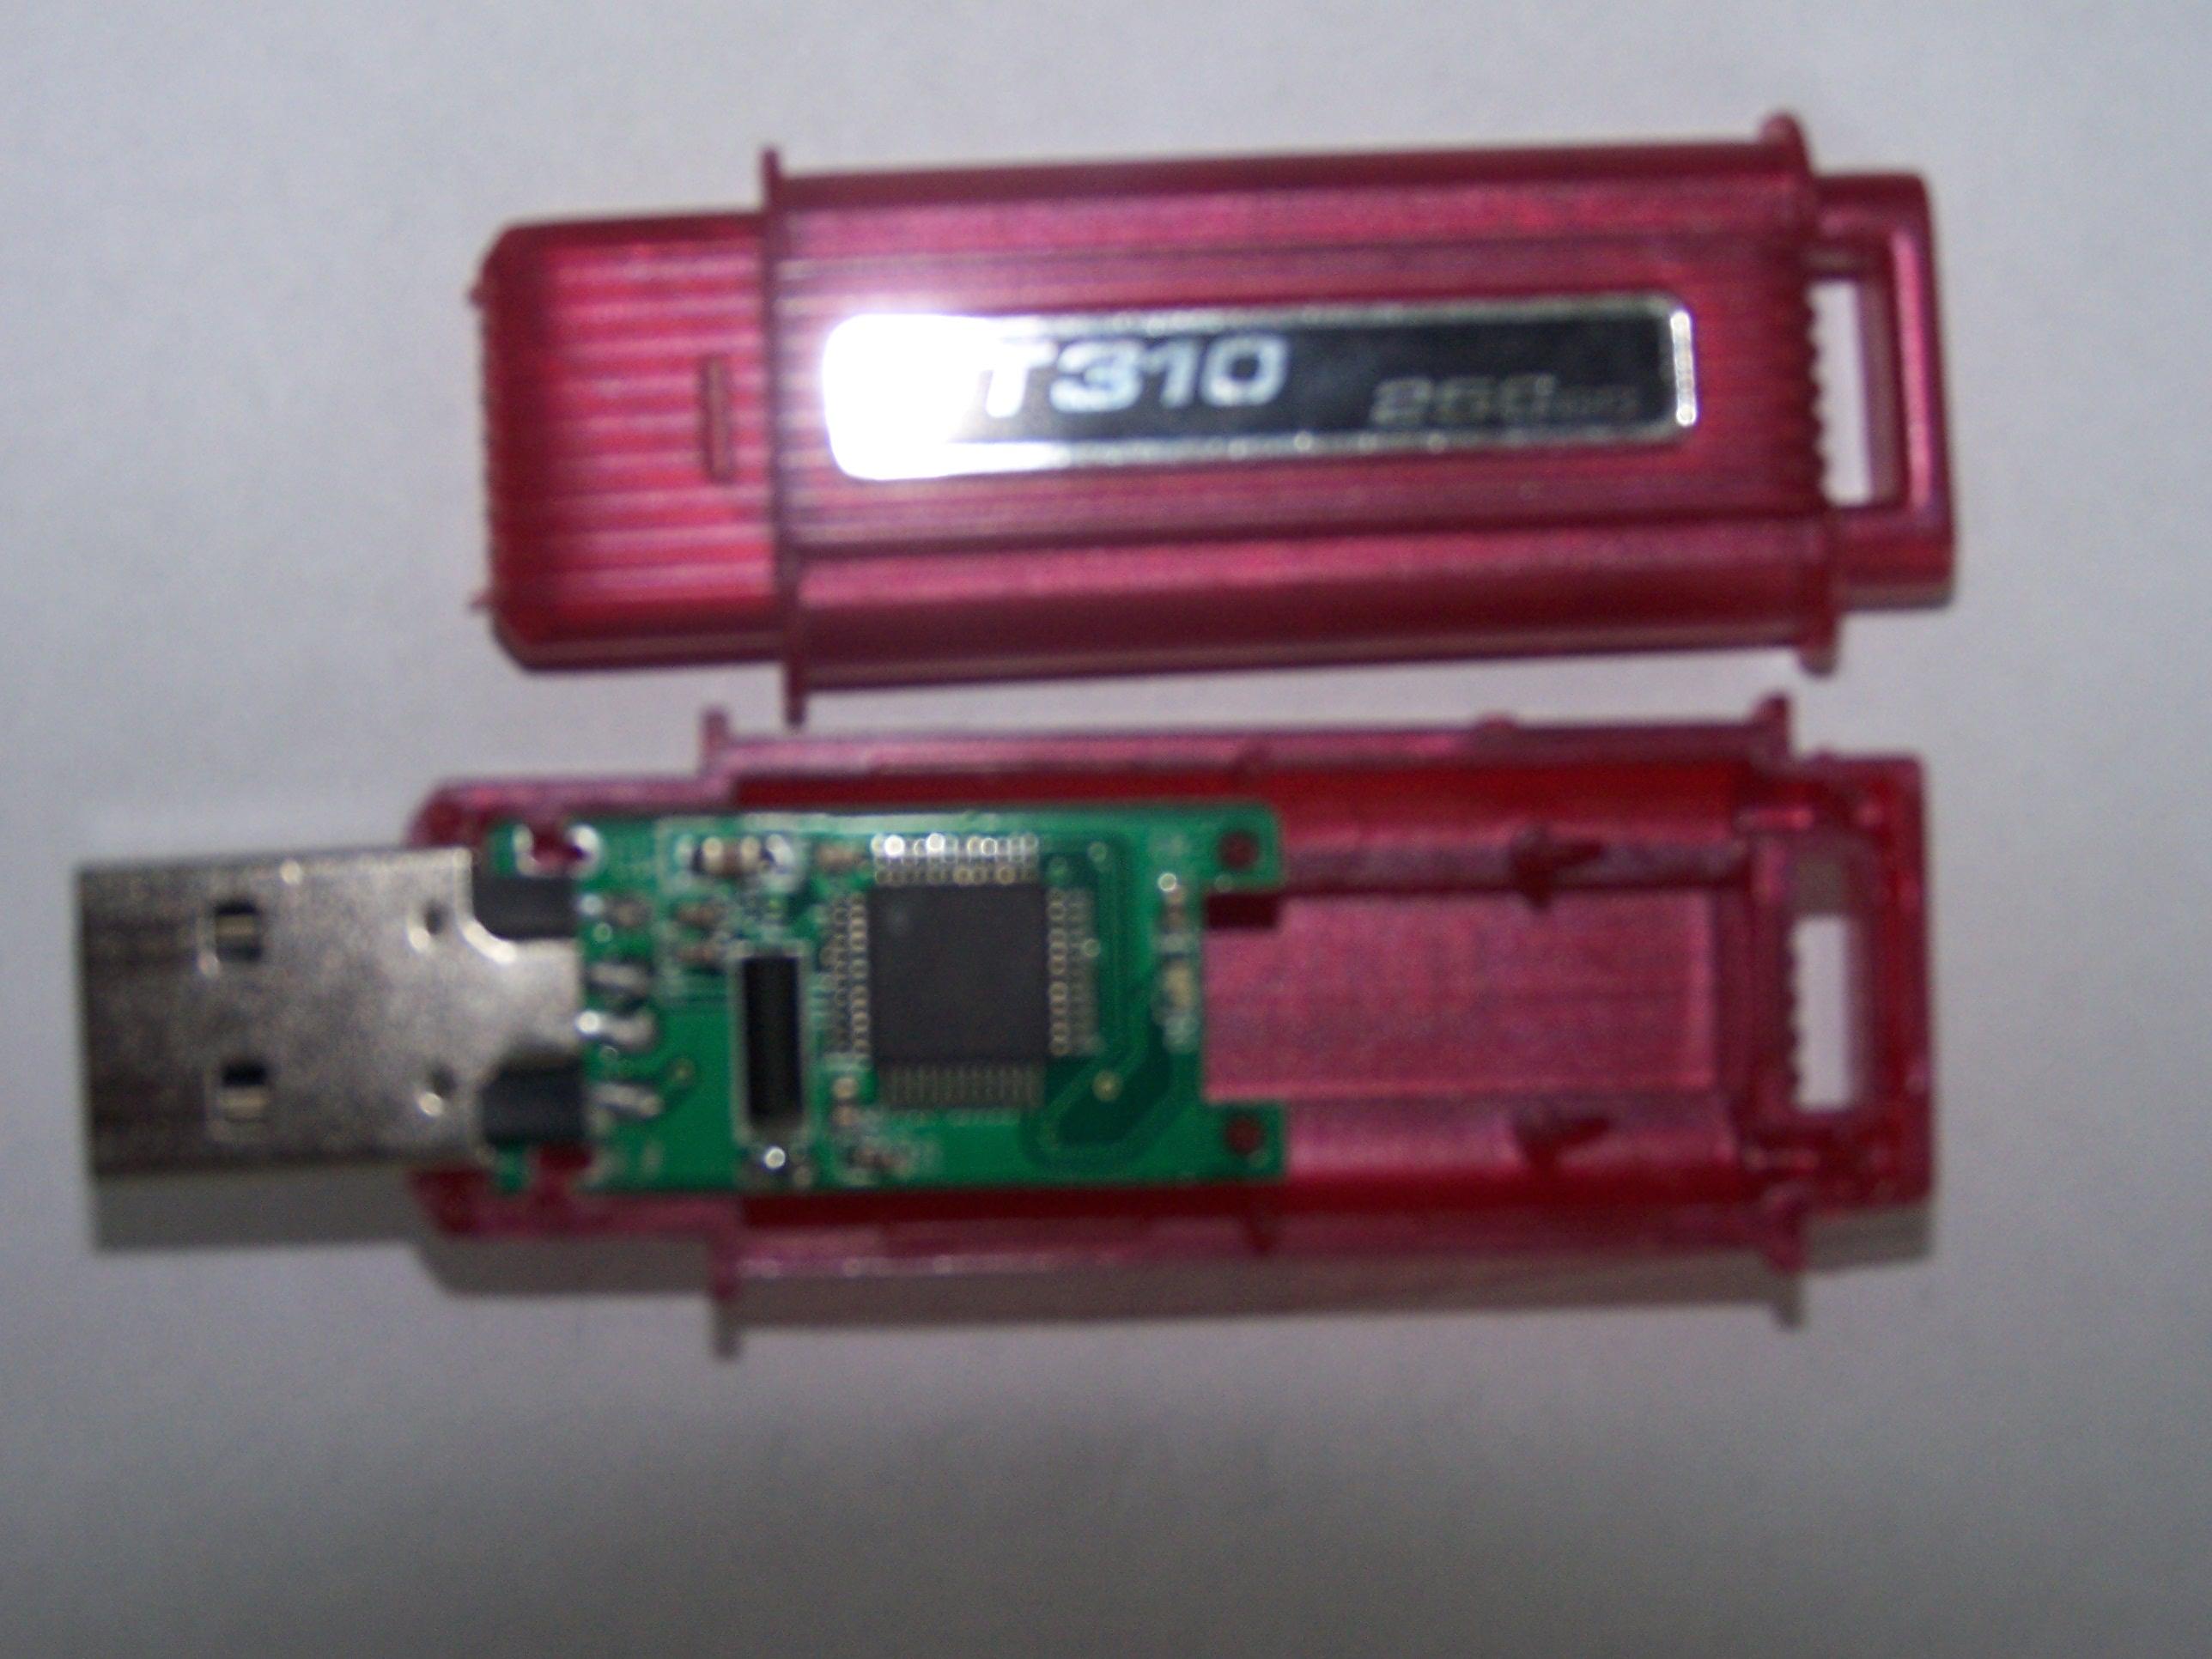 Kingston DT310 - b��d w zapisie i odczycie danych